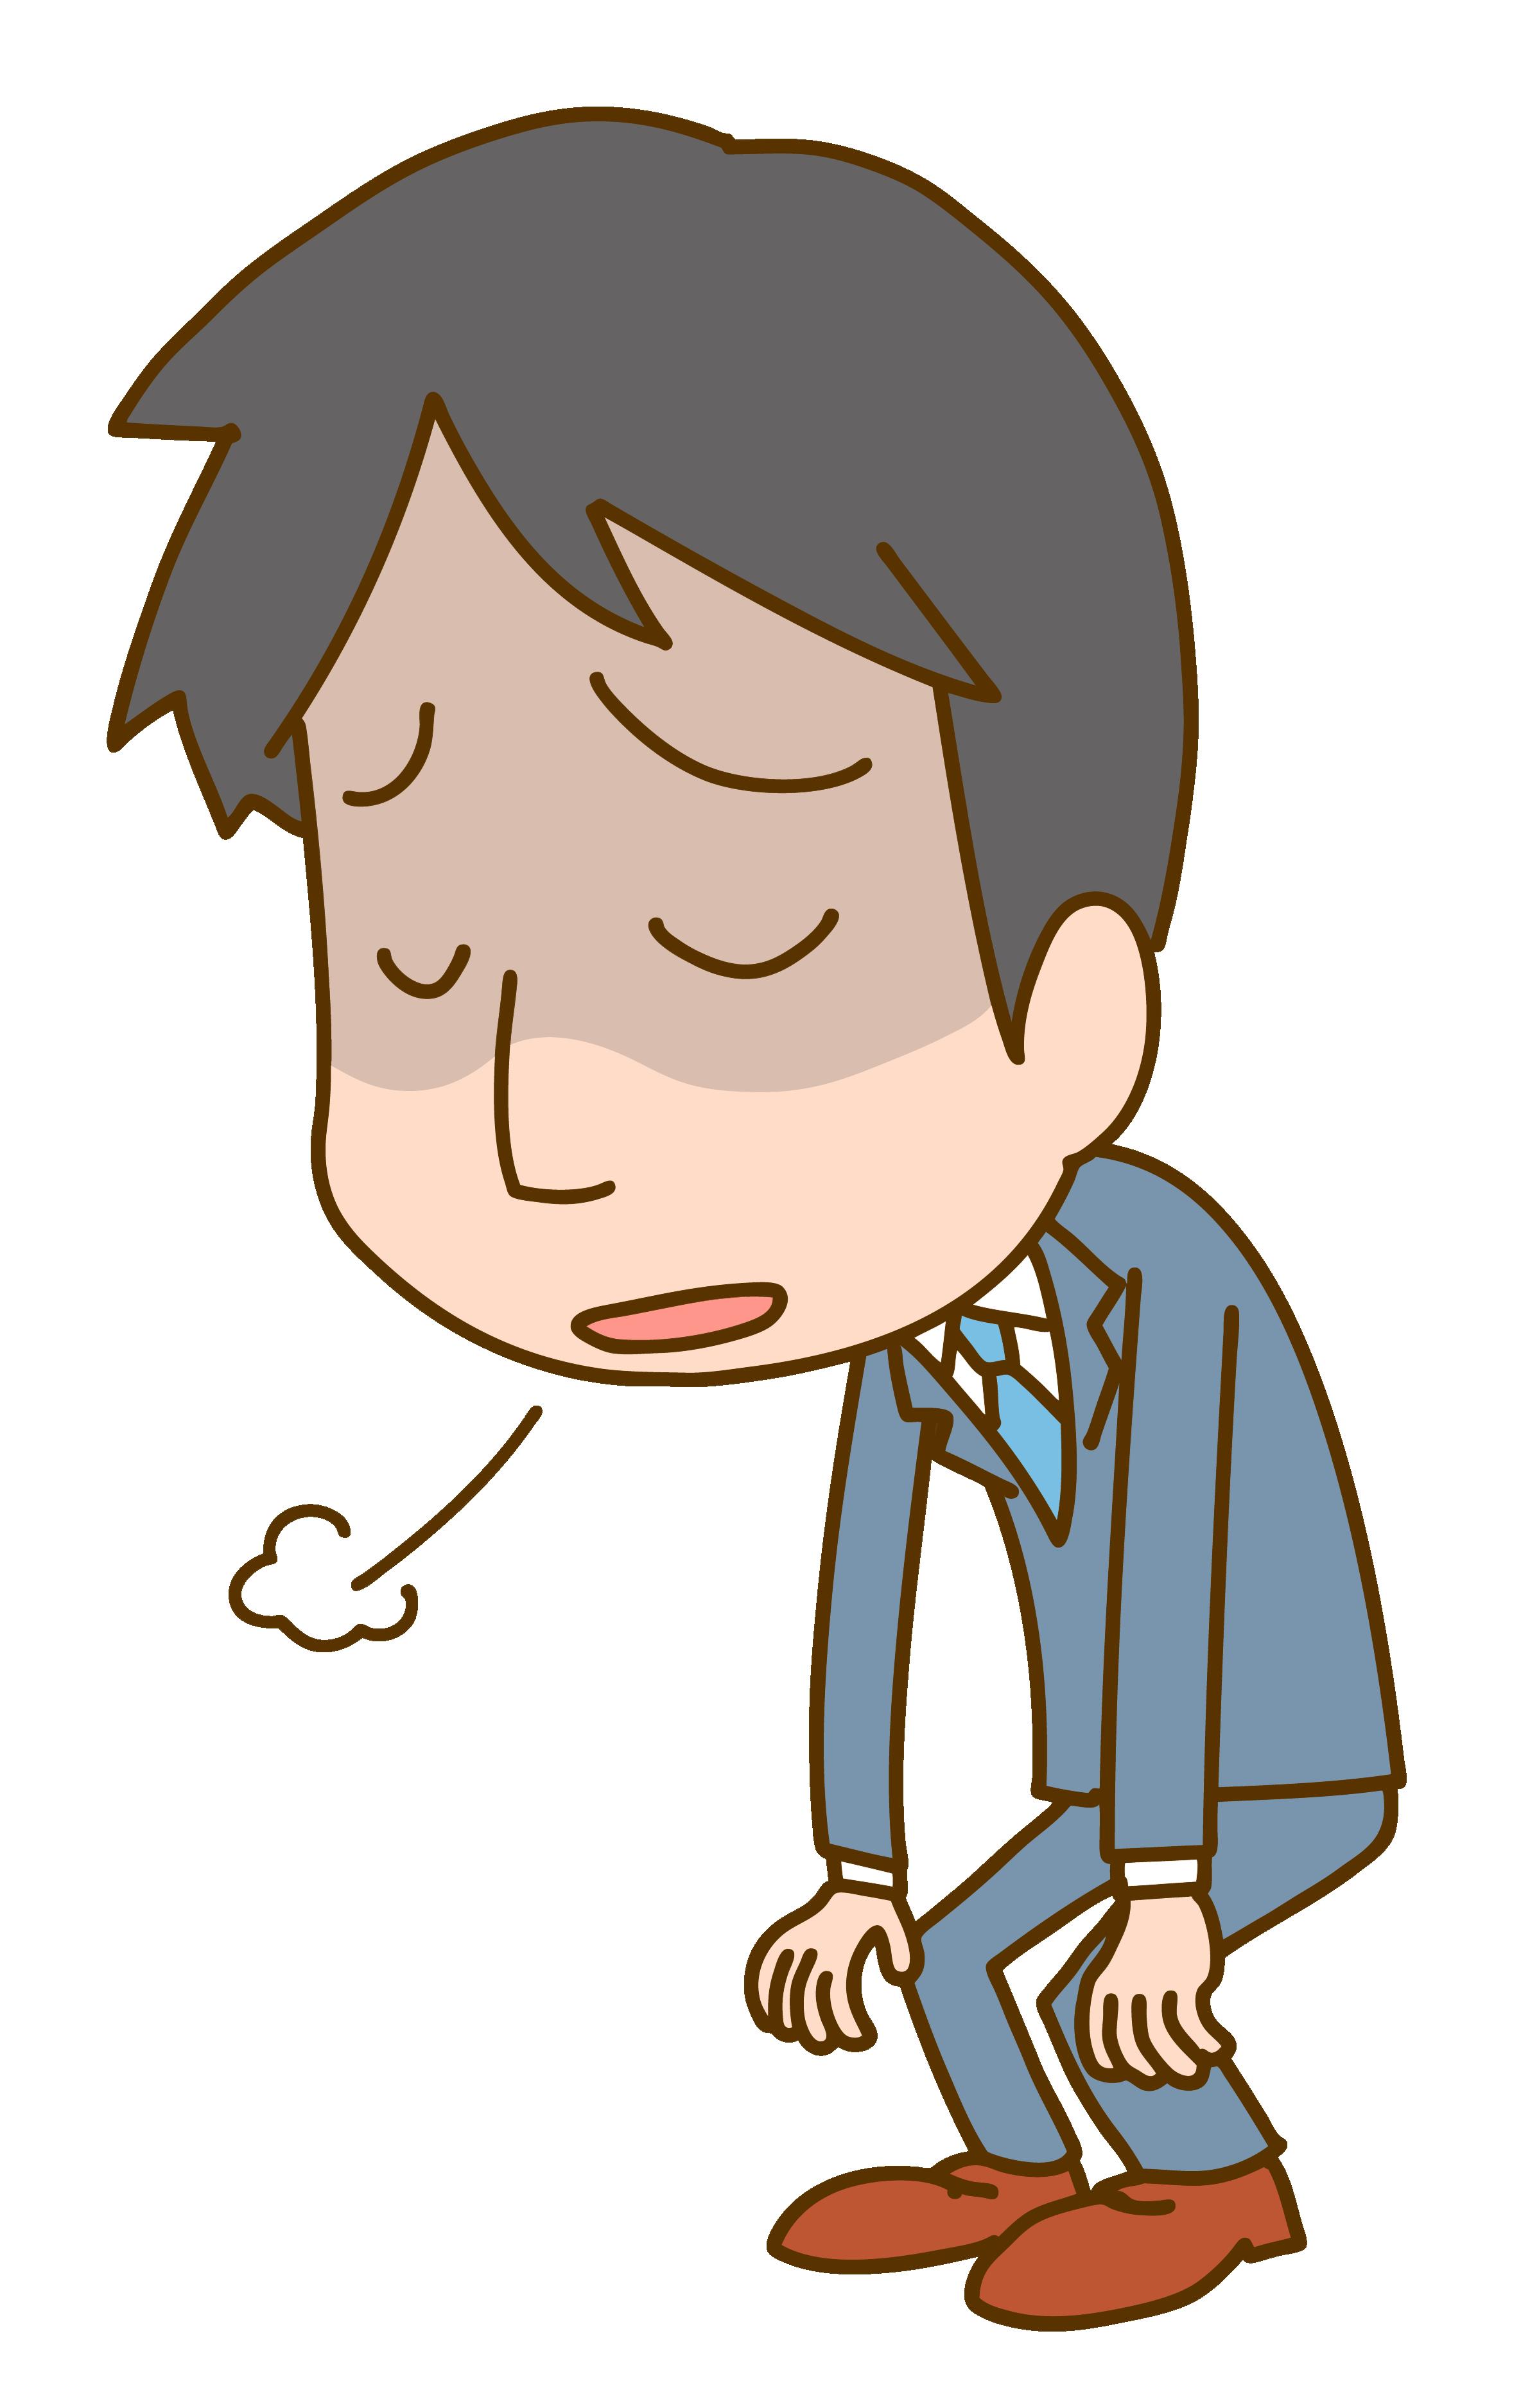 ため息をつく会社員男性のイラスト